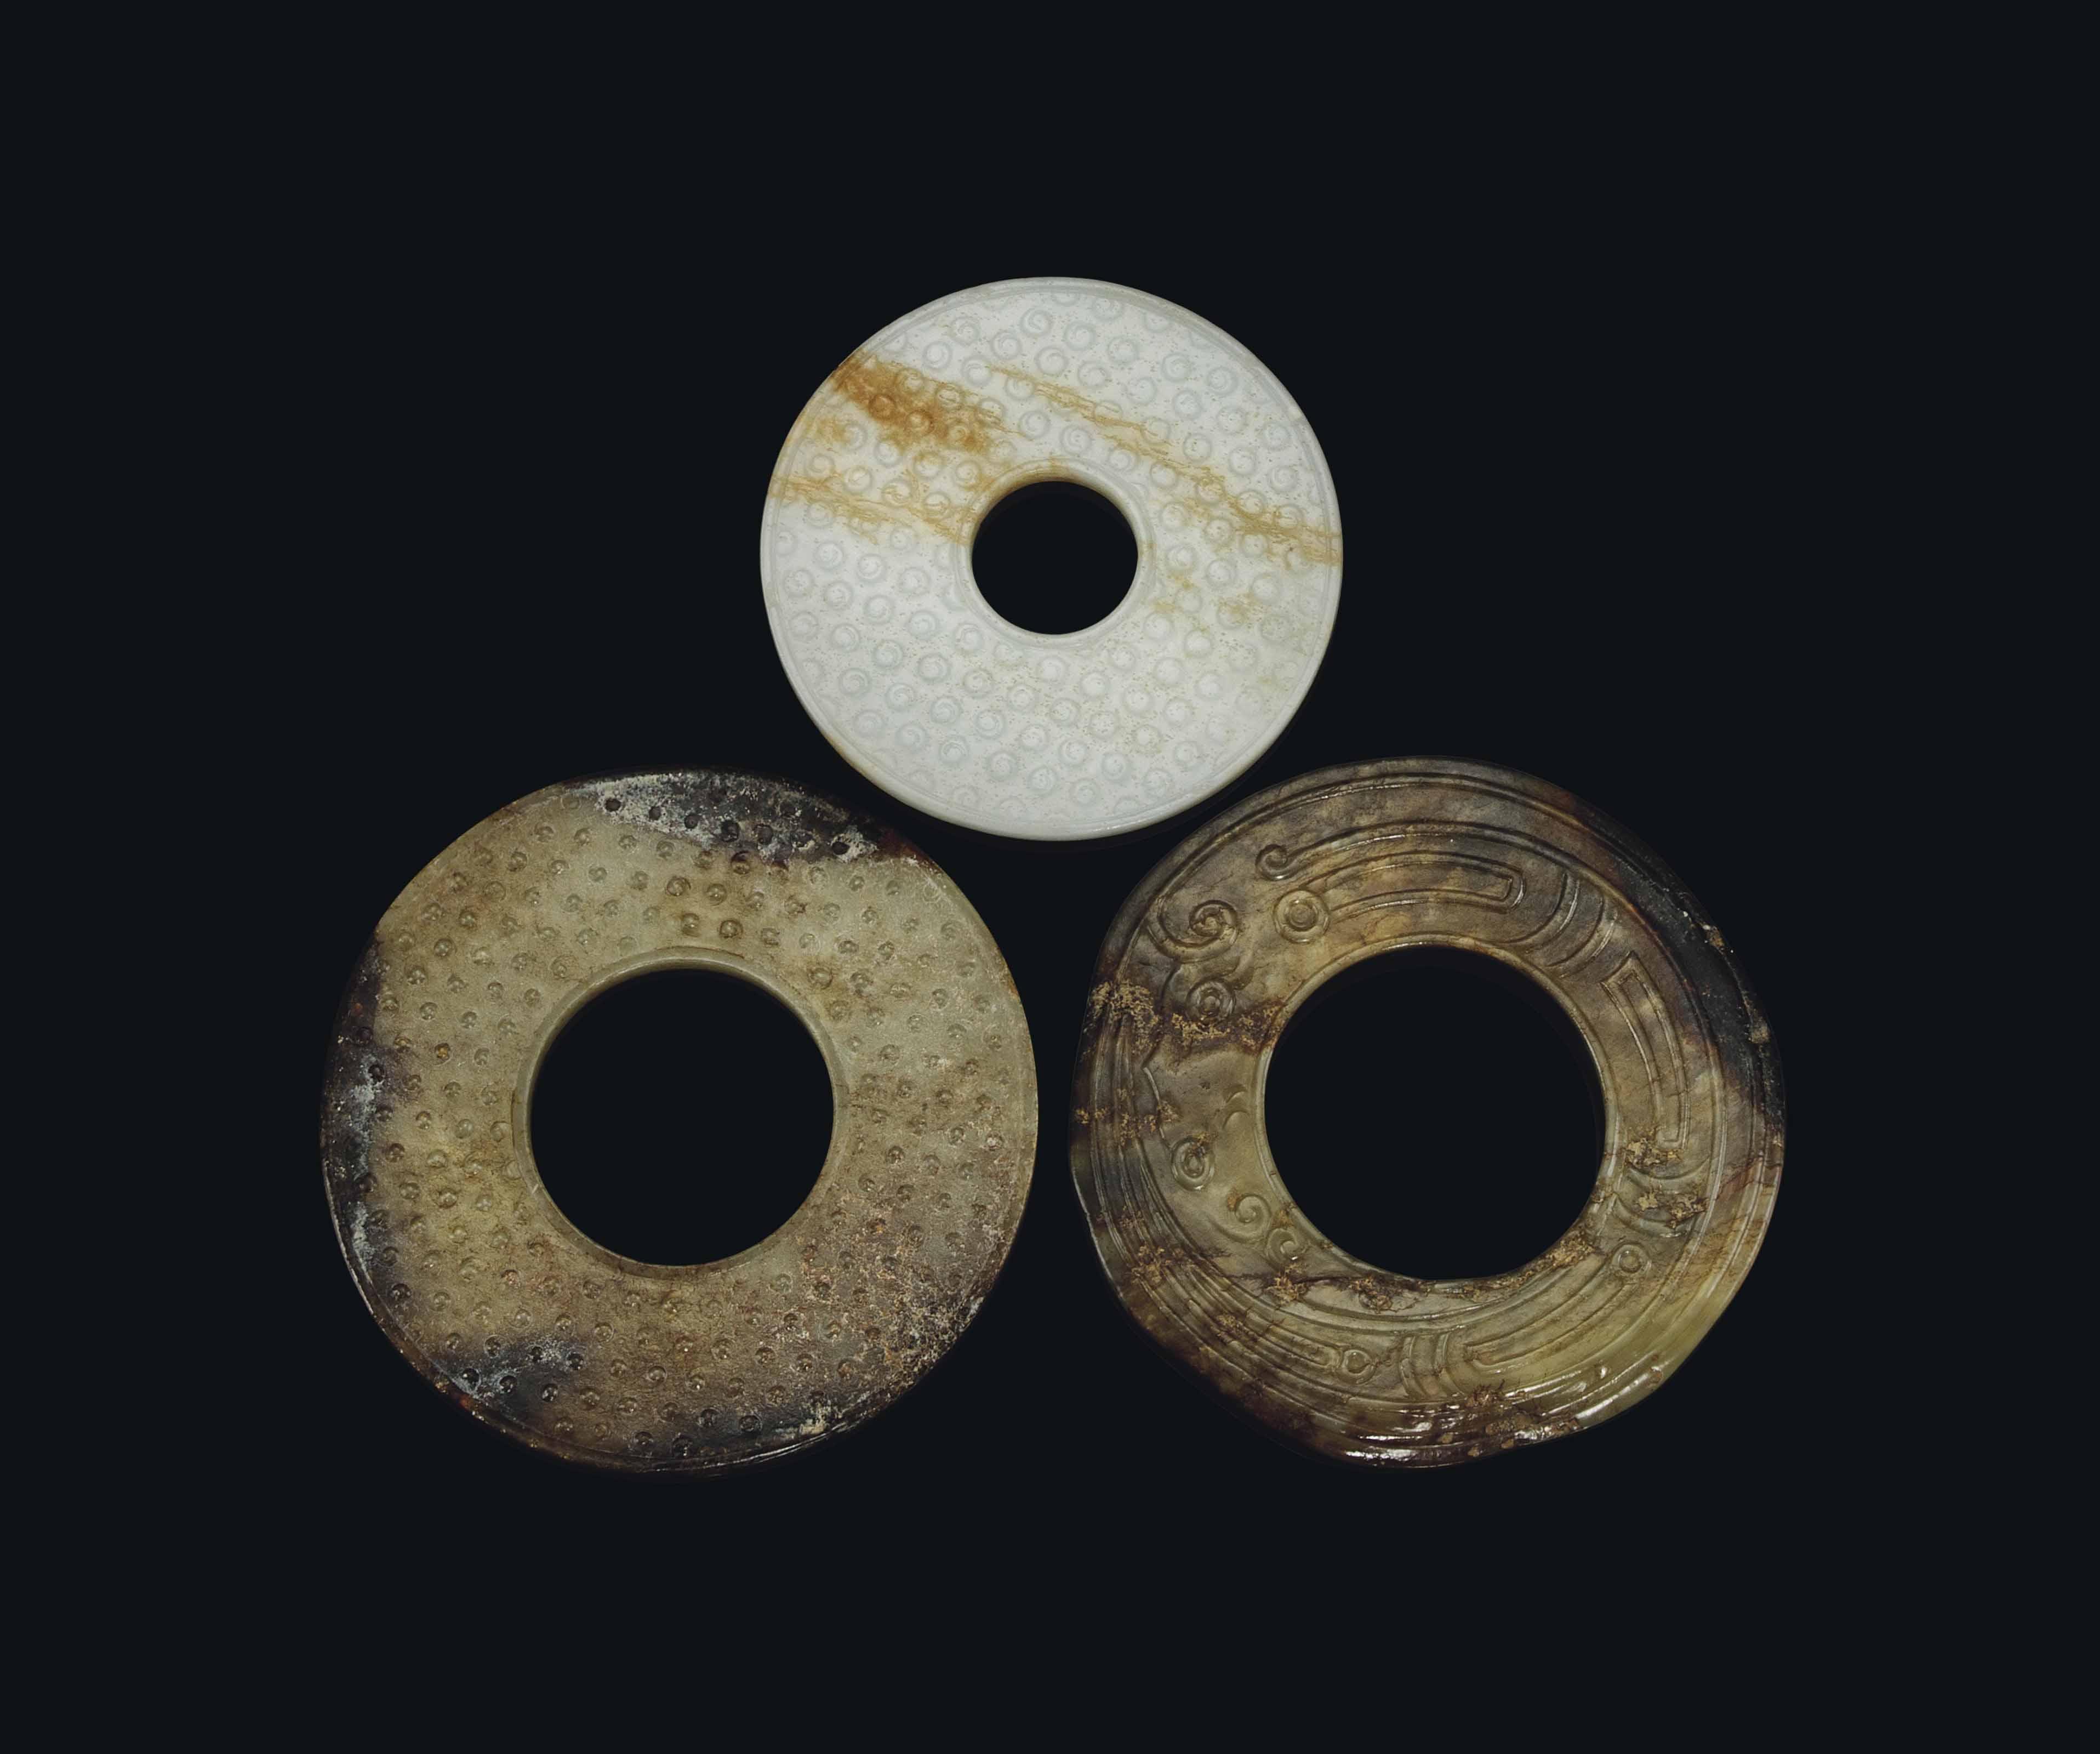 THREE CHINESE JADE DISCS, BI